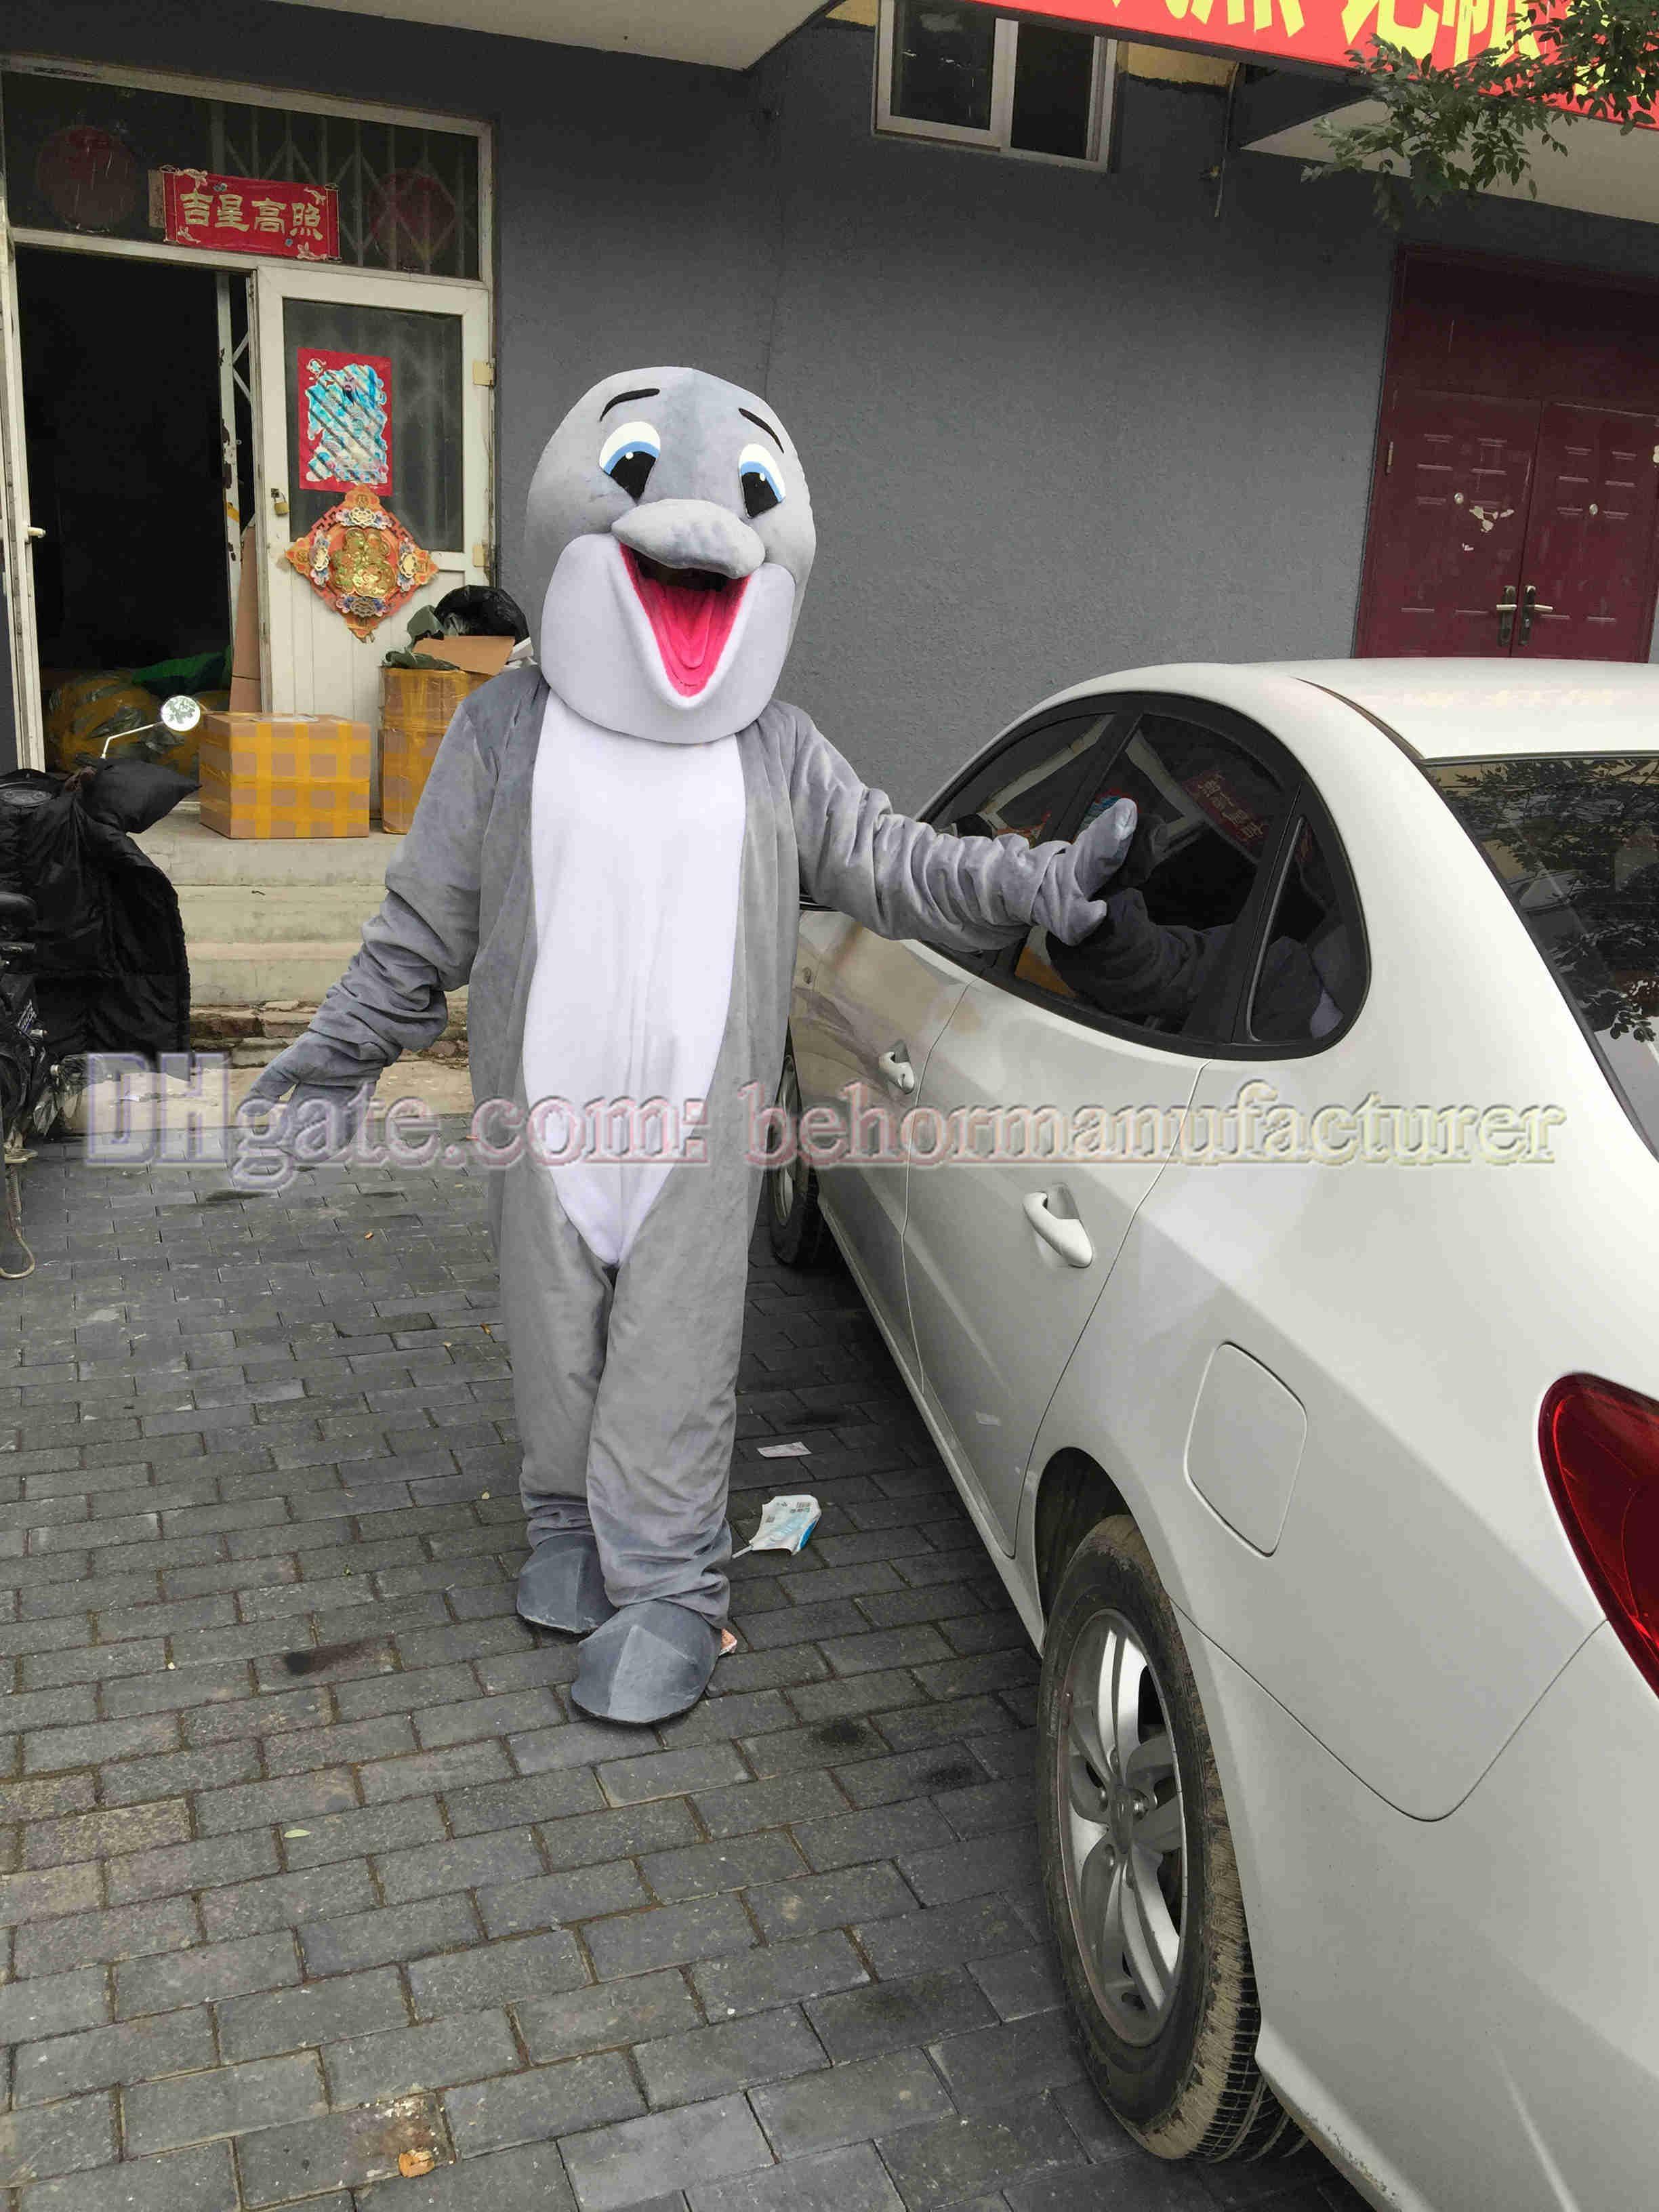 Netter grauer Delphin Plüschmaskottchen Anzug erwachsenen Typ heiße Verkäufe weltweit, Delphin Maskottchen freies Verschiffen verkaufen.